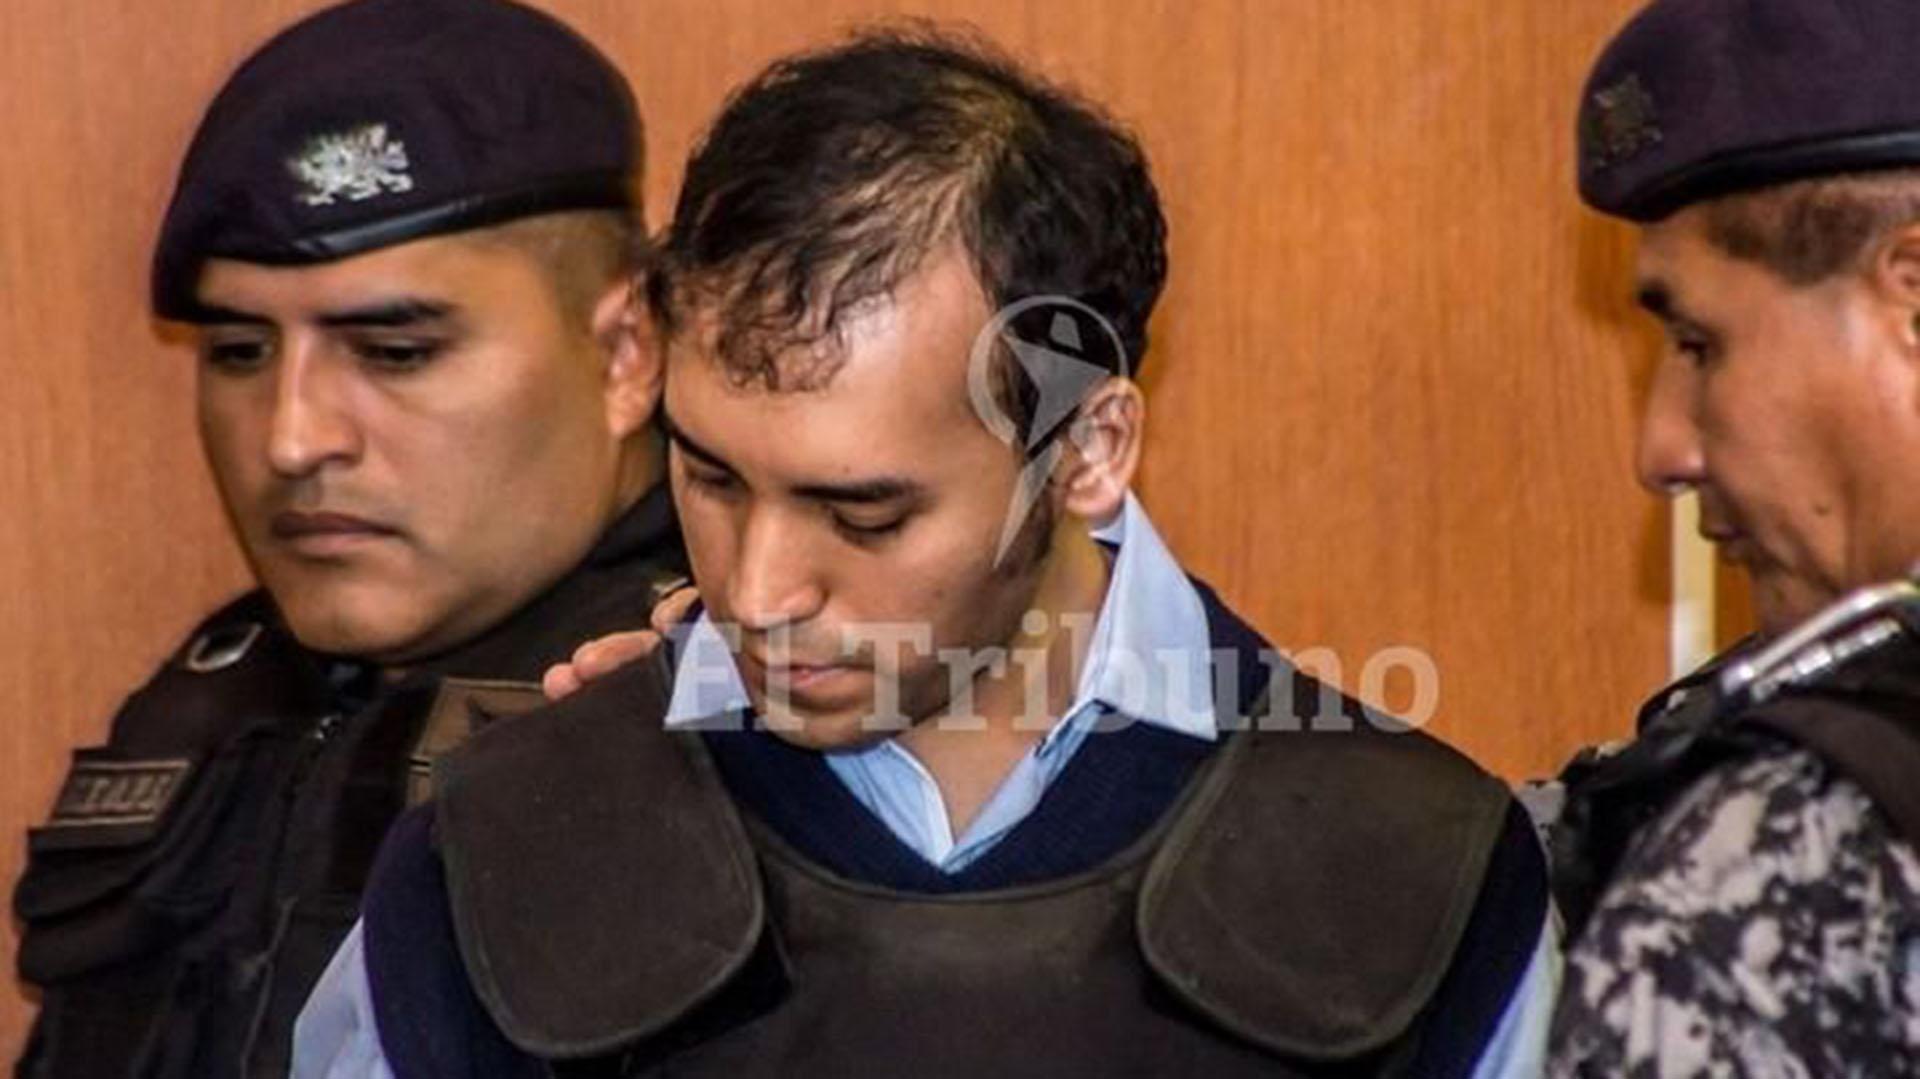 Rodrigo Gaspar Cinco ante el Tribunal (Gentileza El Tribuno)